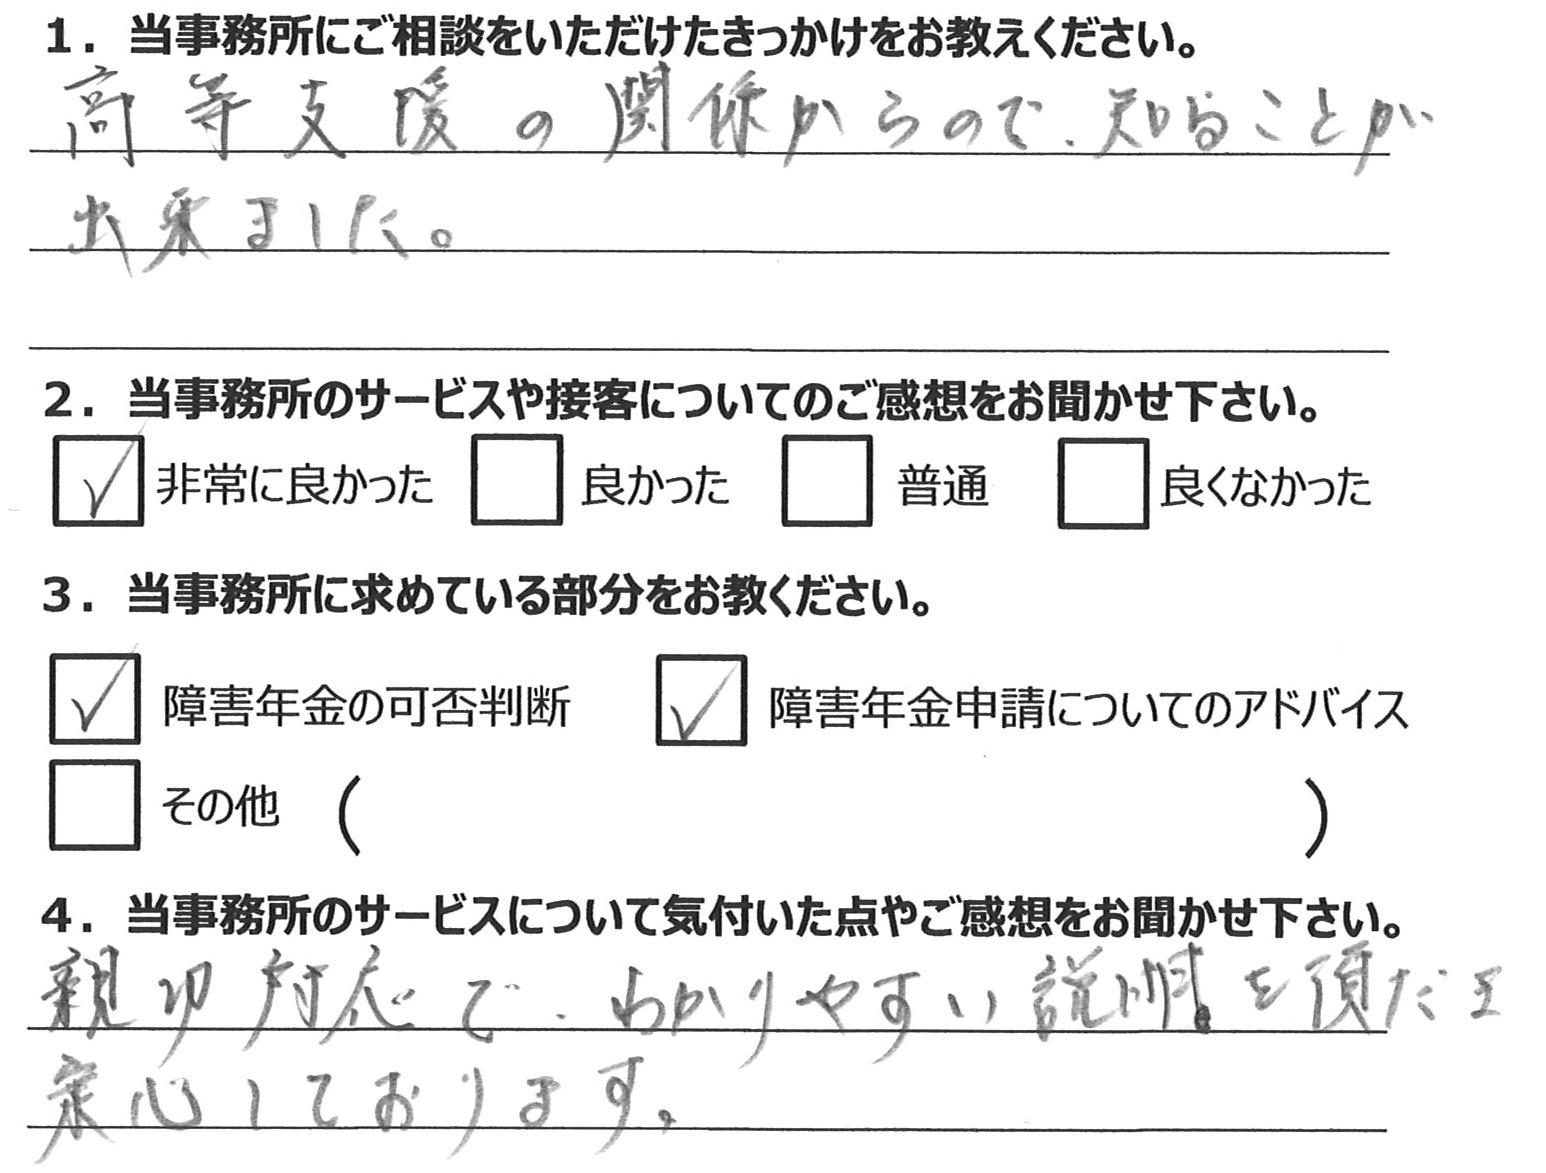 相談者様のアンケート153